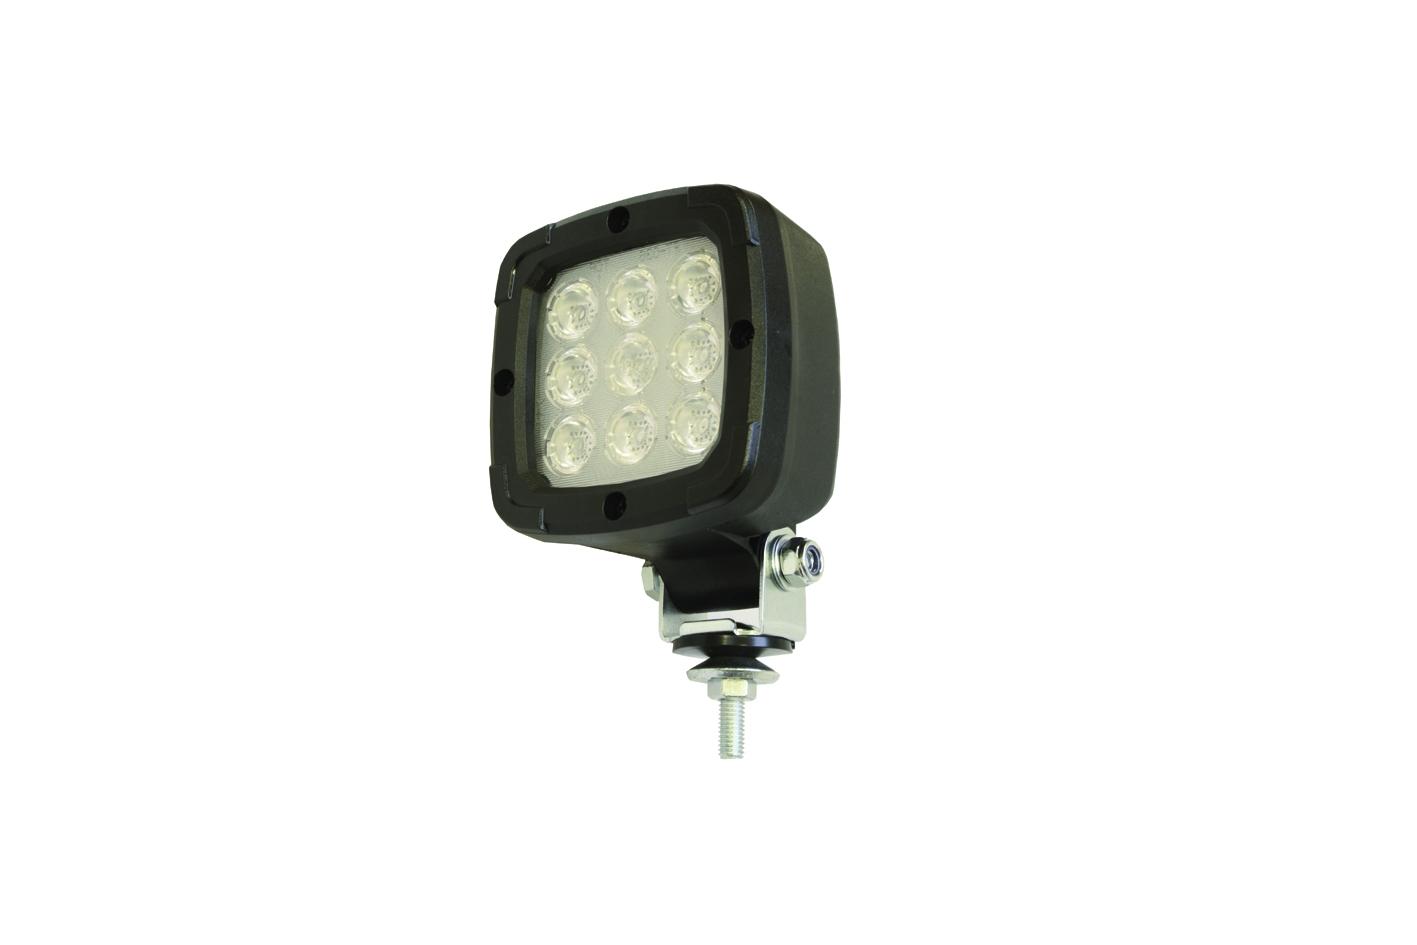 LED Rückfahrscheinwerfer GGVS / ADR geprüft 650 Lumen